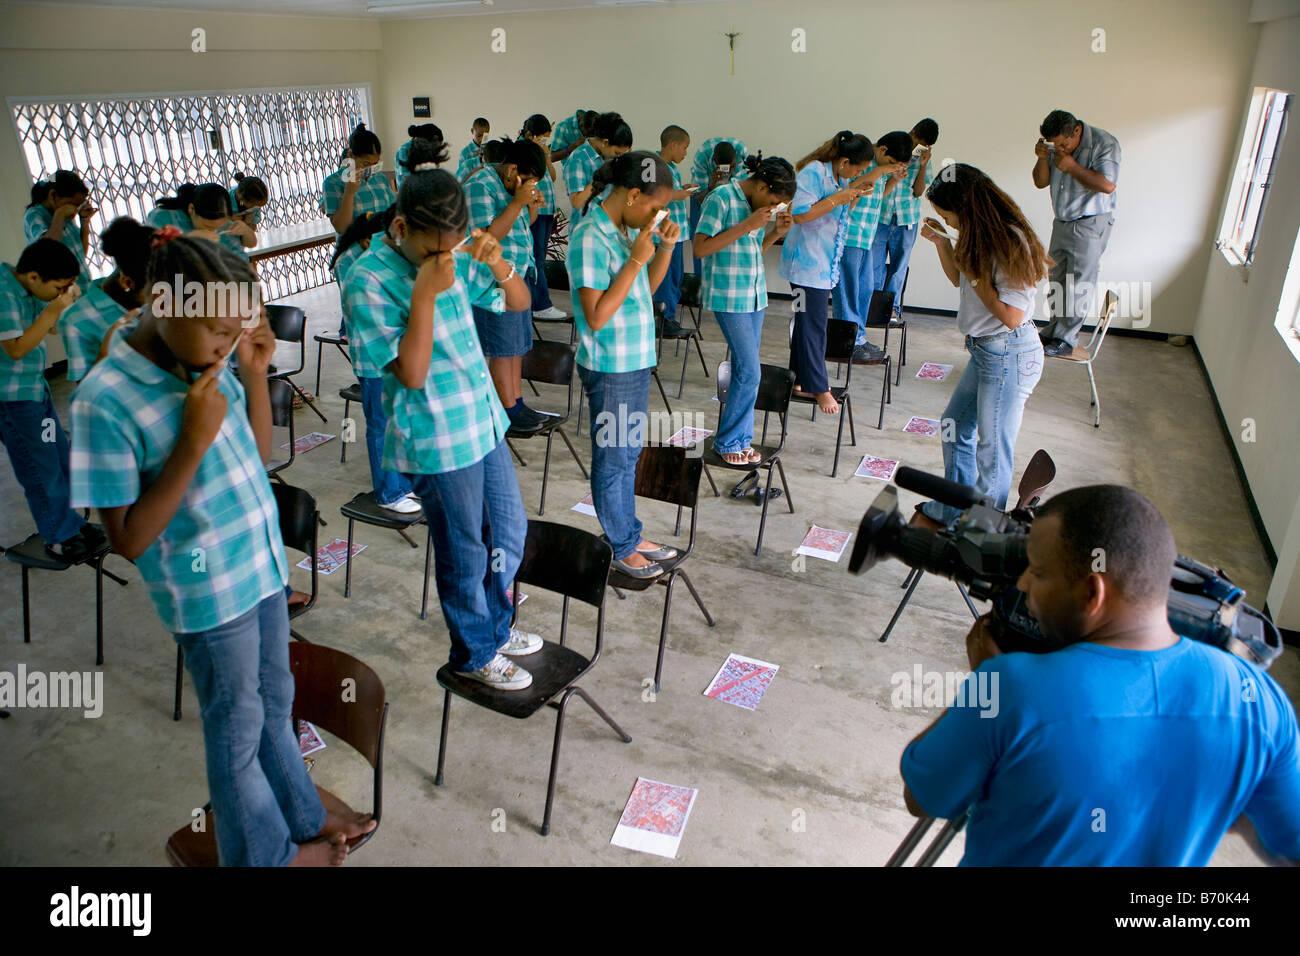 Le Suriname, Paramaribo, la cartographie, l'apprentissage des enfants à l'école sur la photographie Photo Stock